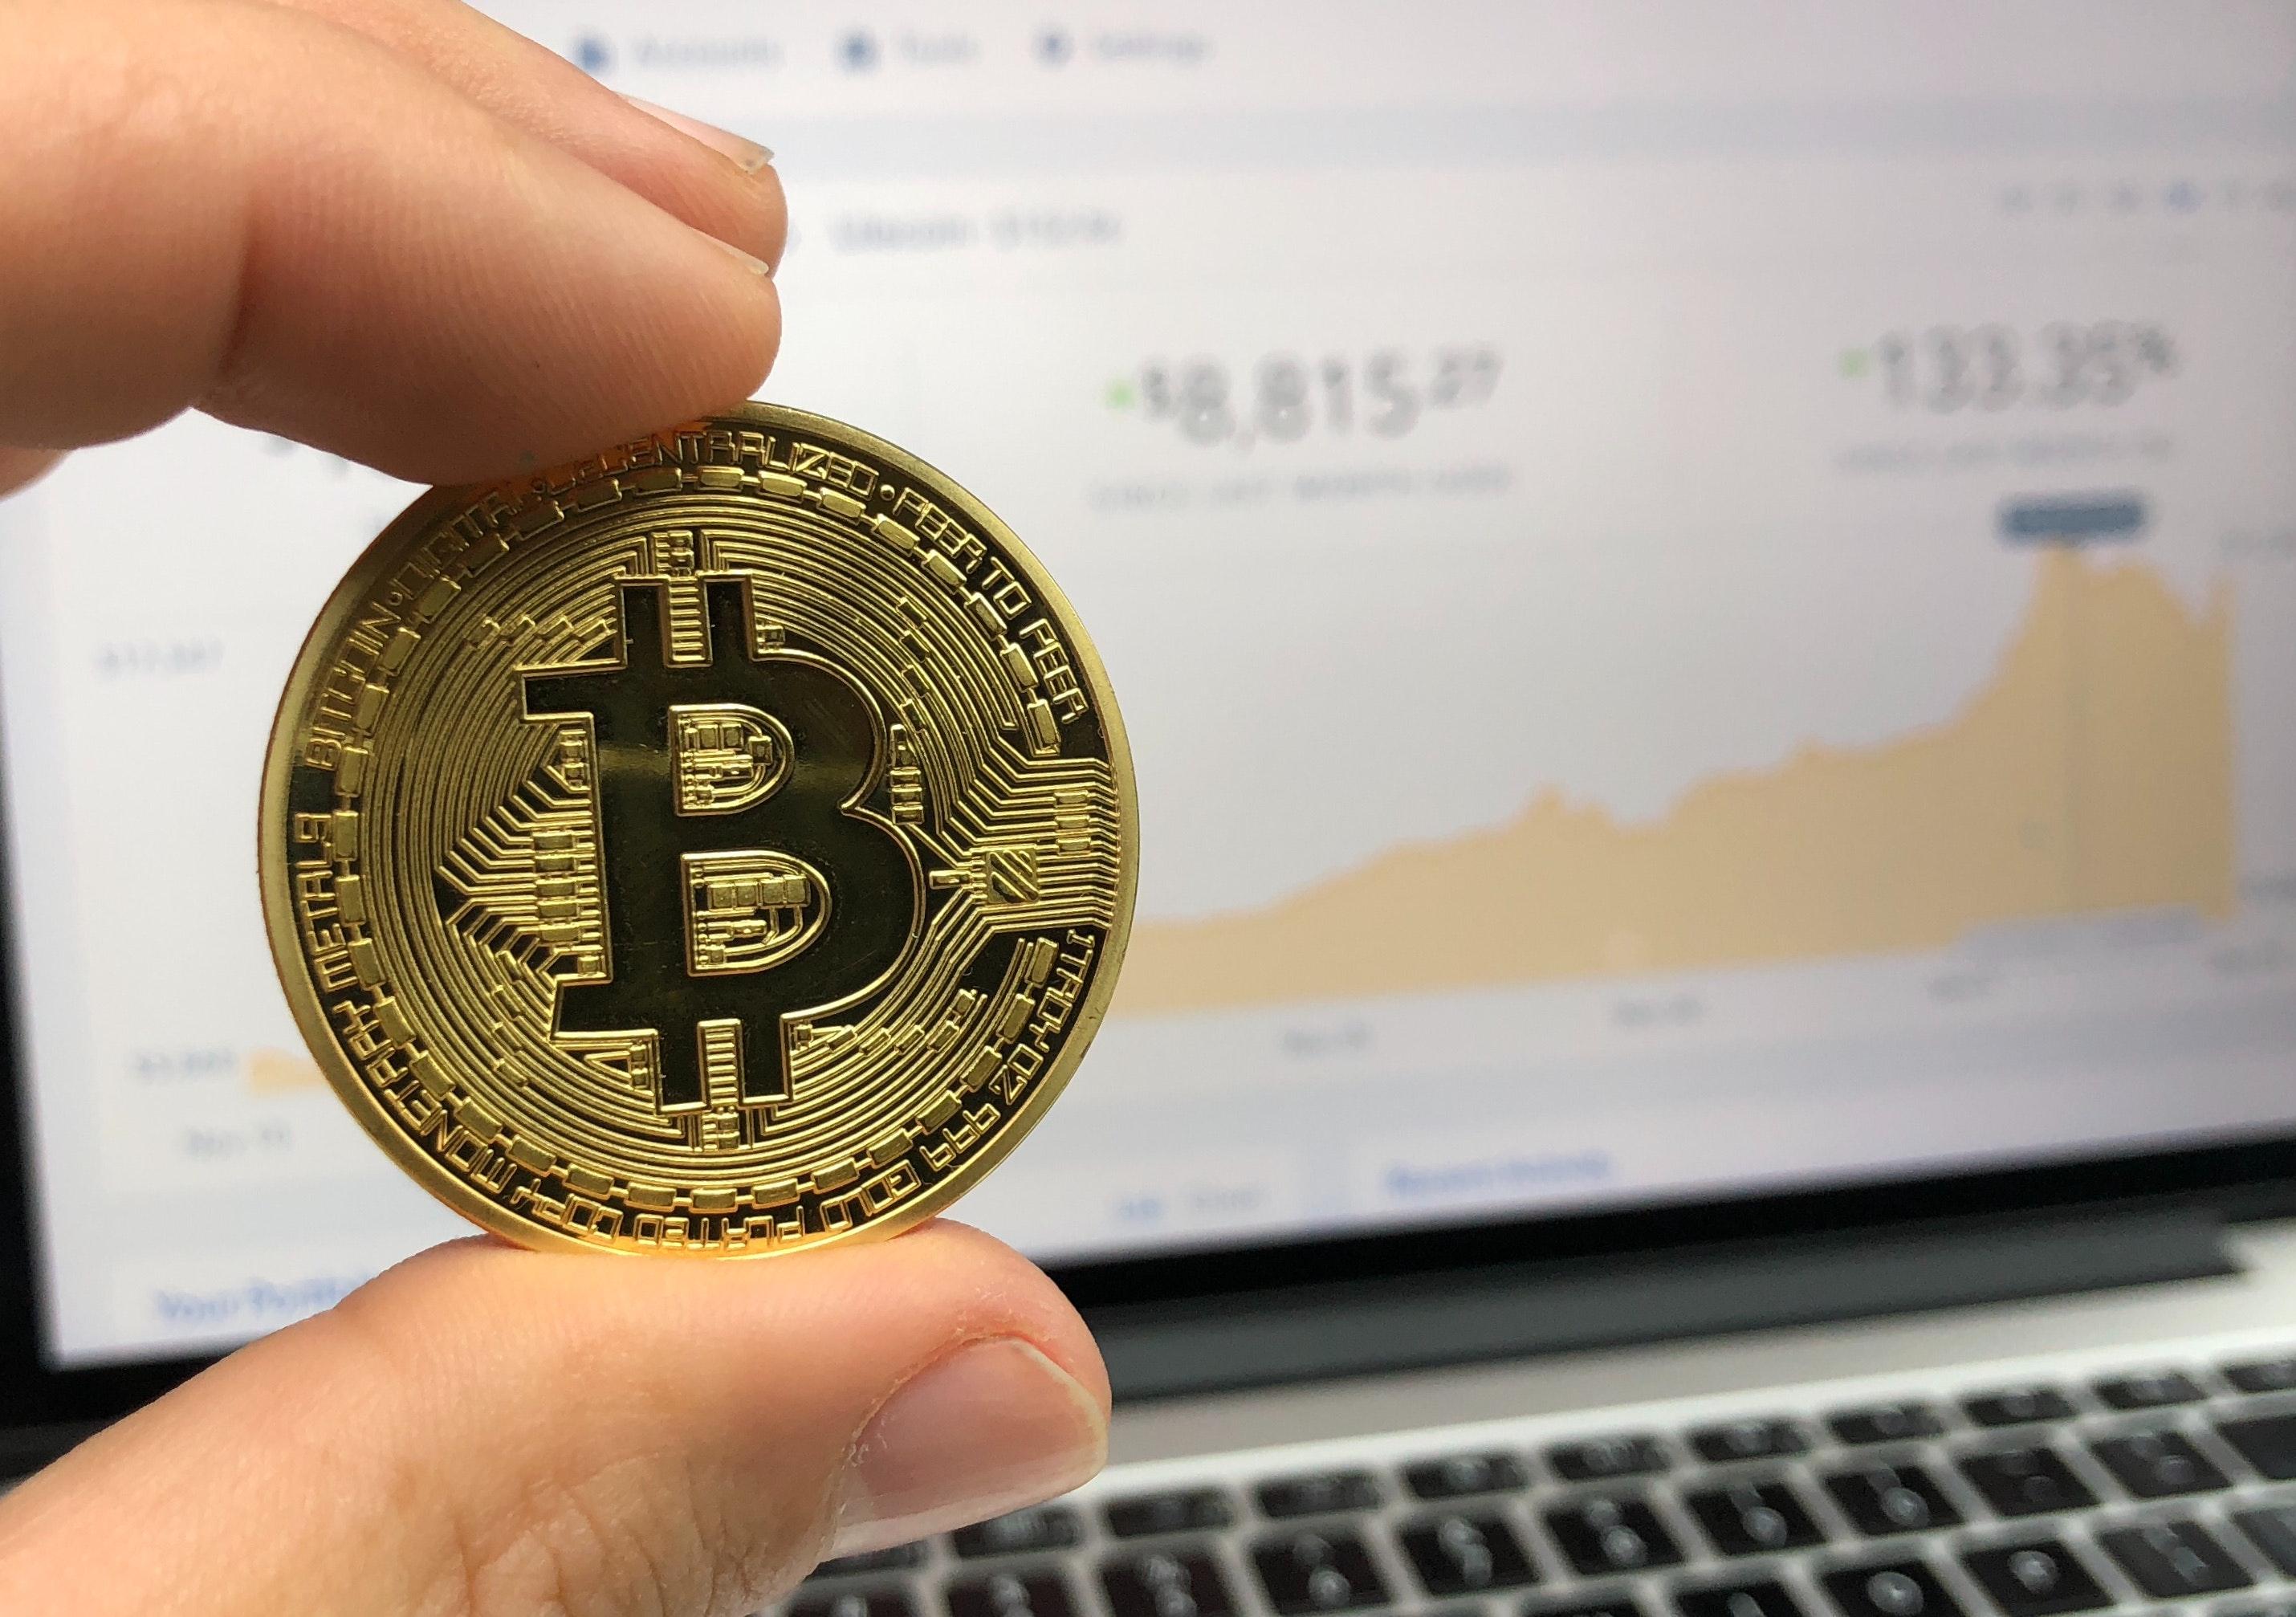 cfd bróker bitcoin teszt